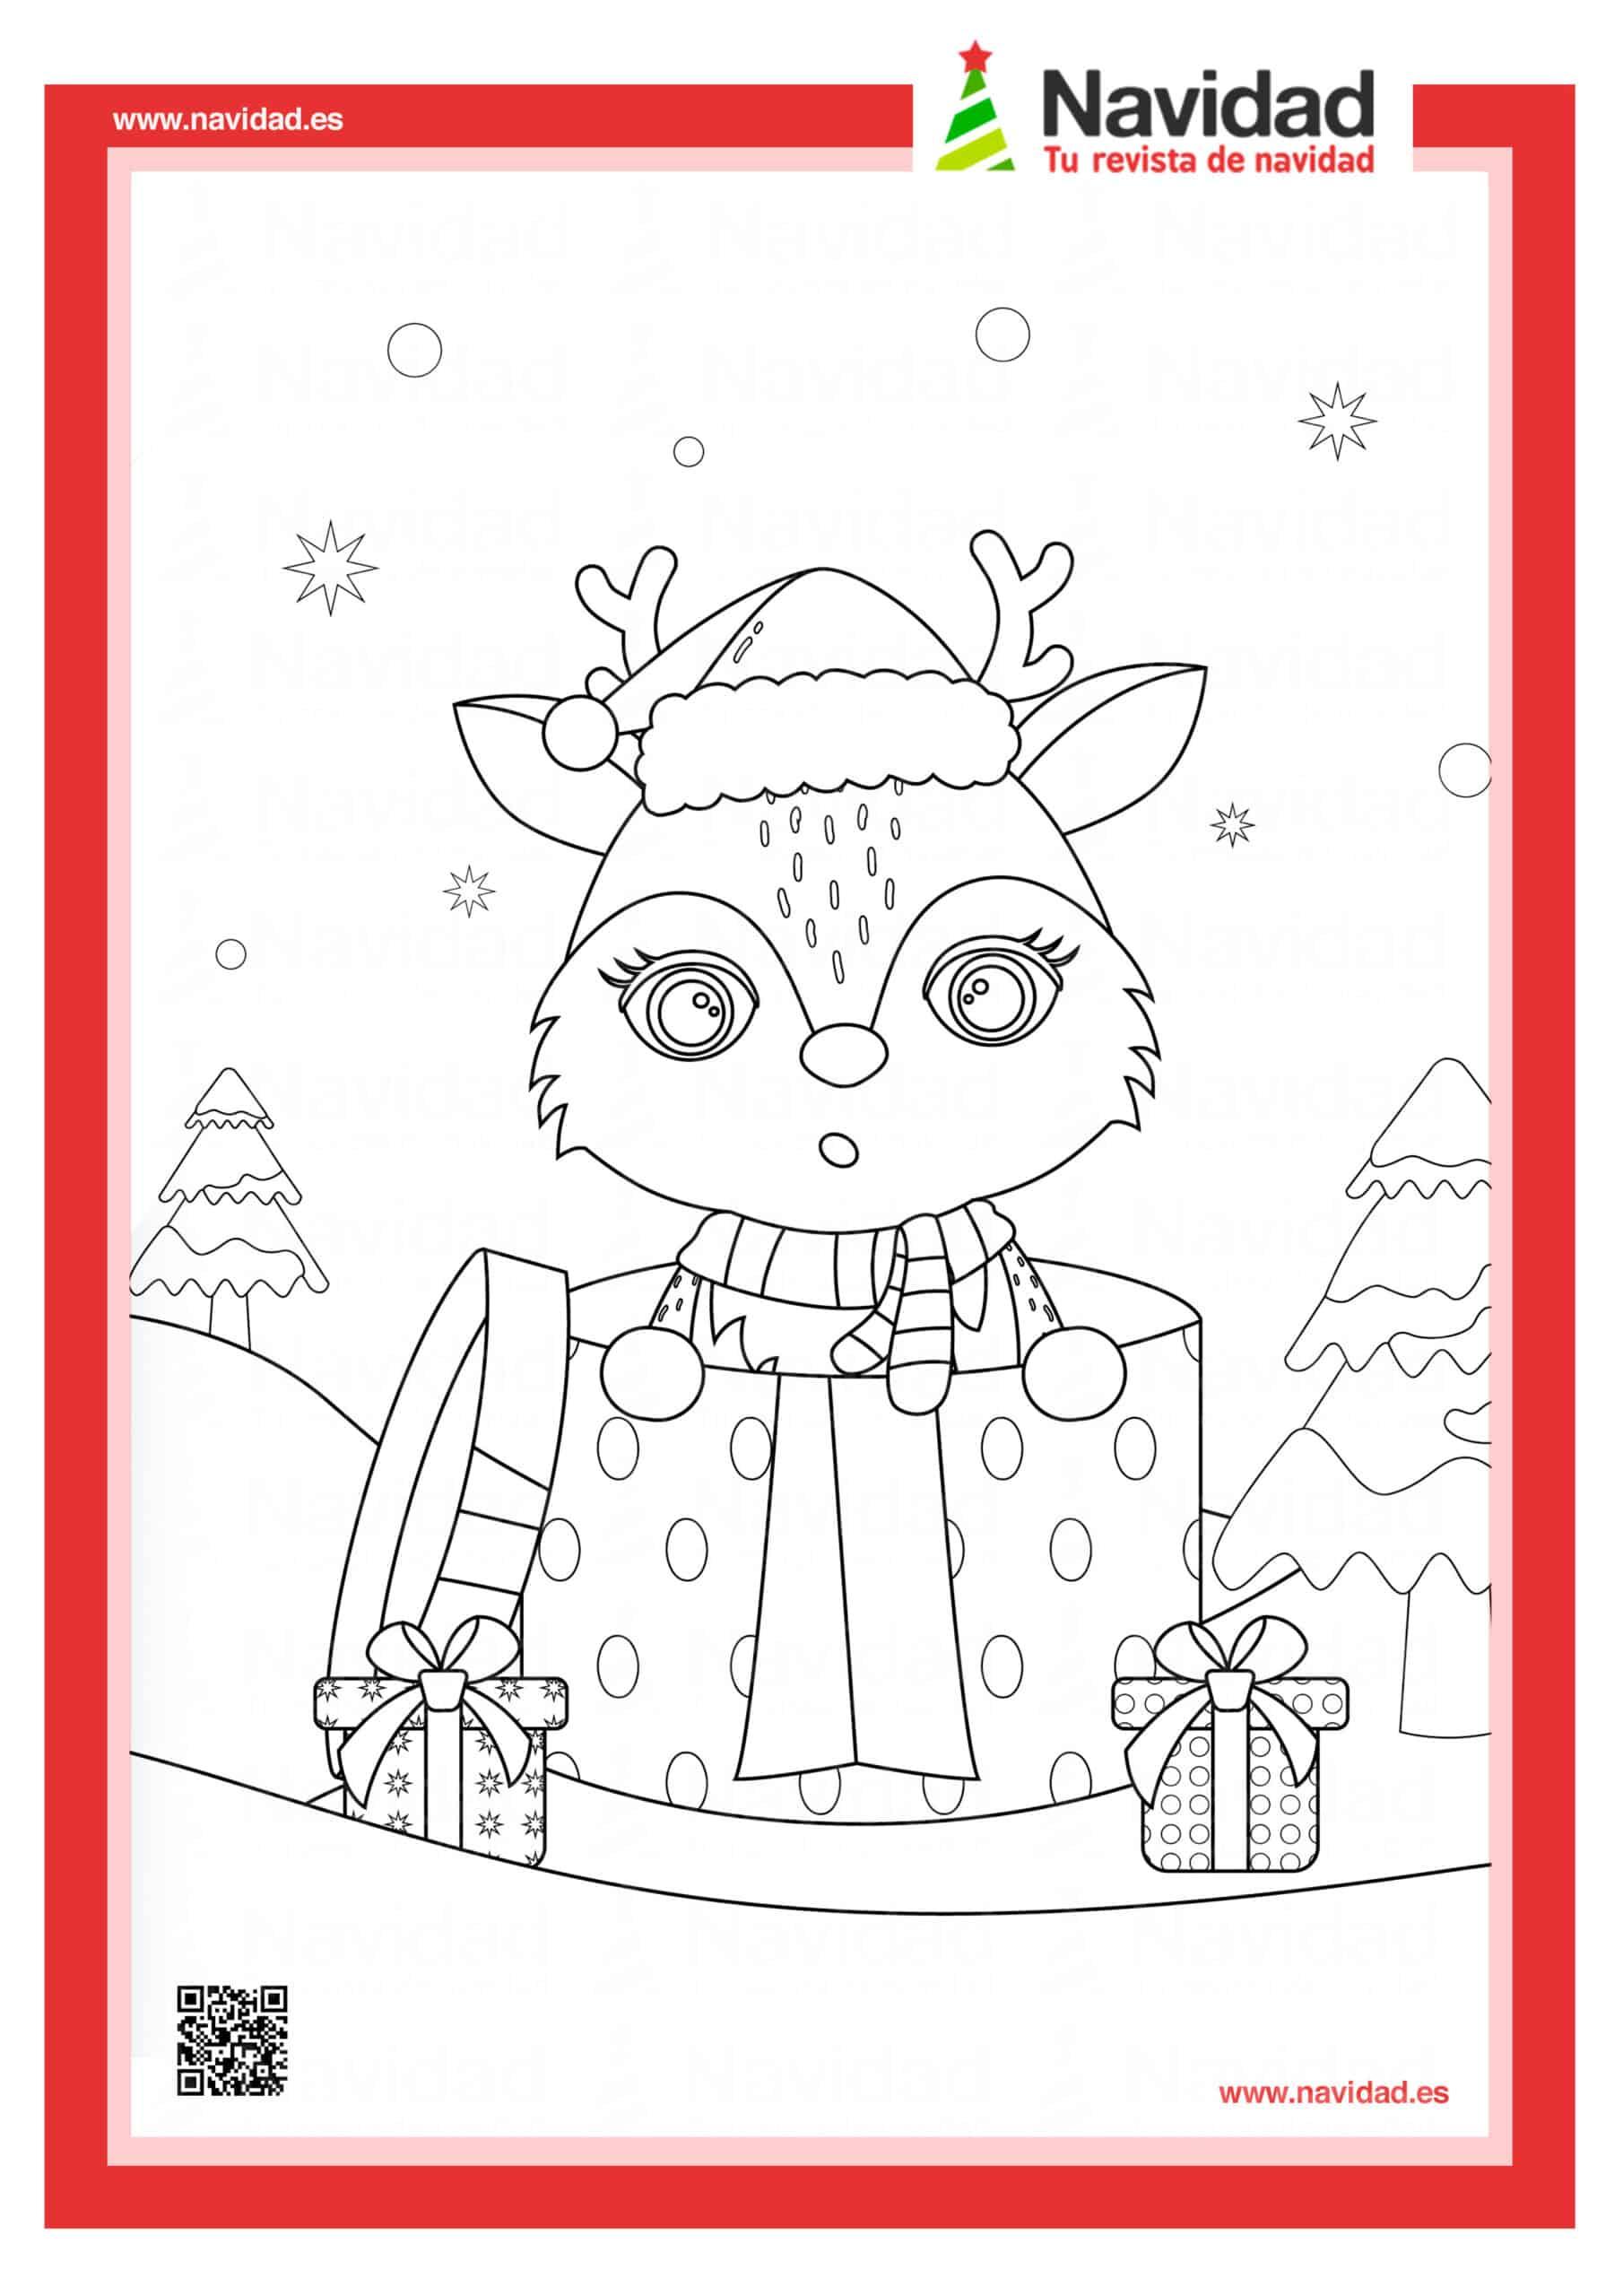 Dibujos navideños para colorear con los hijos esta Navidad 5